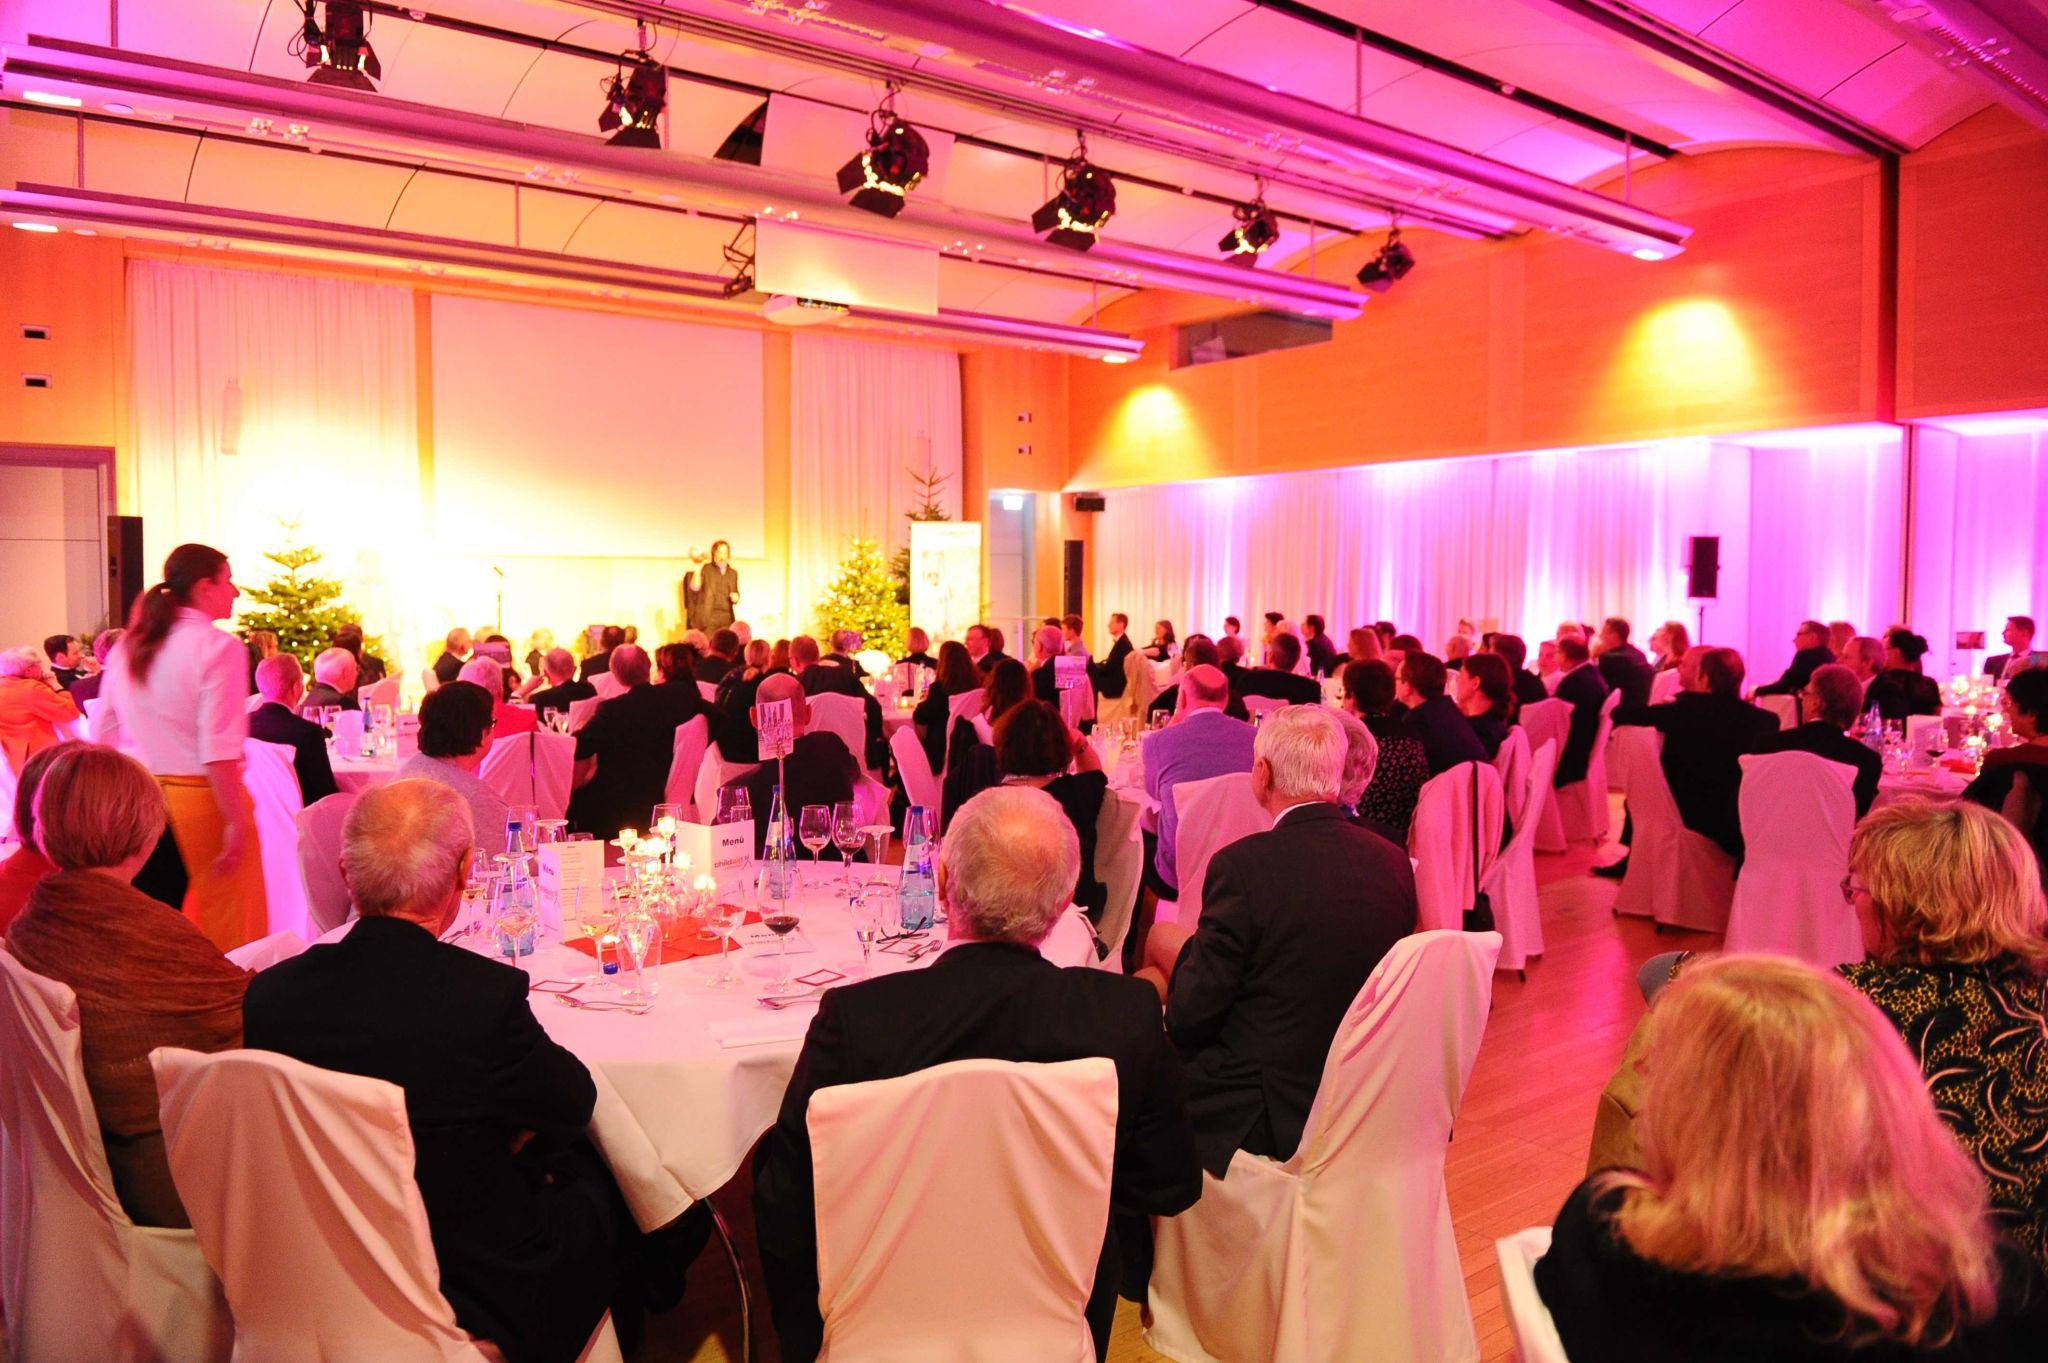 Saal_Gäste_Rückansicht_klein